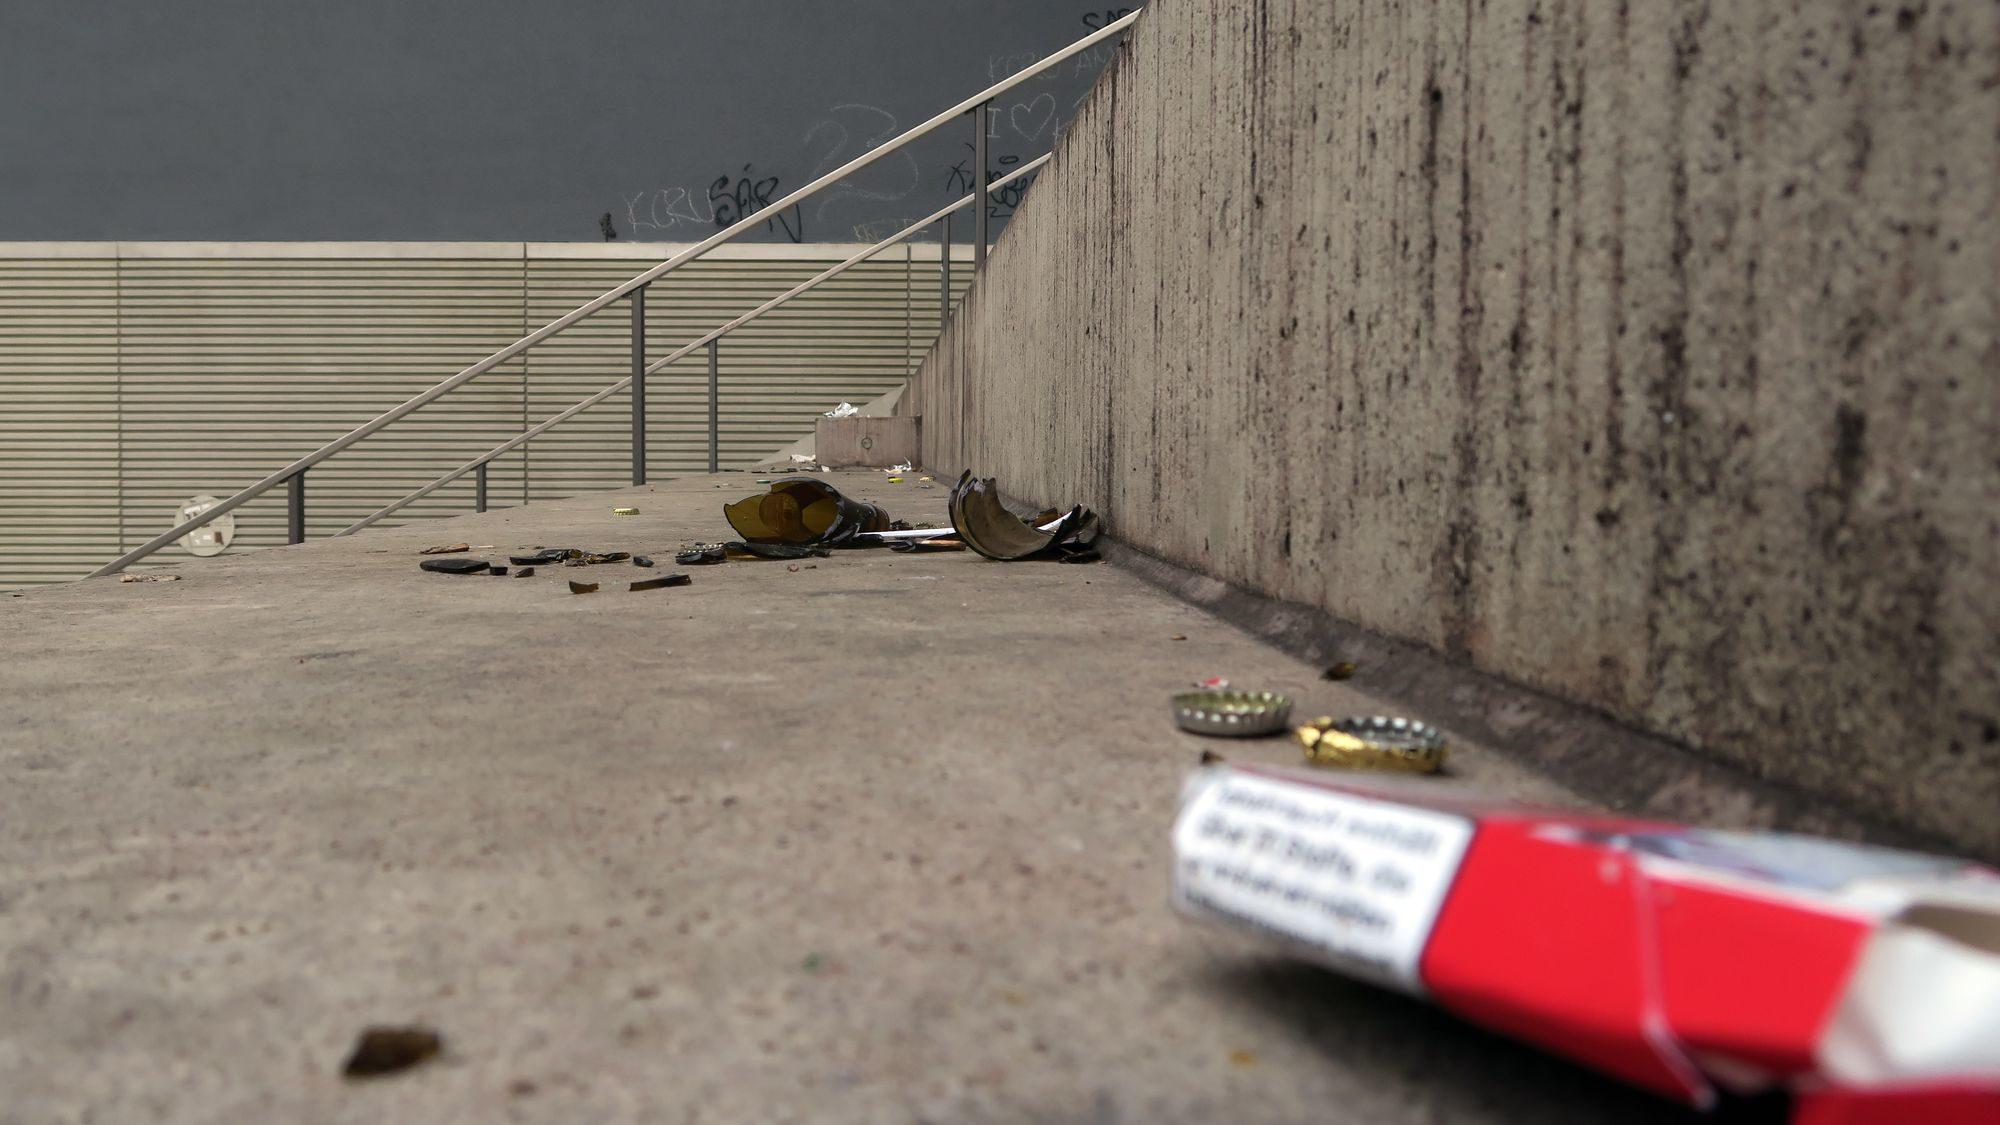 Scherben auf Beton - auf der Turnhallentreppe Dauerzustand.